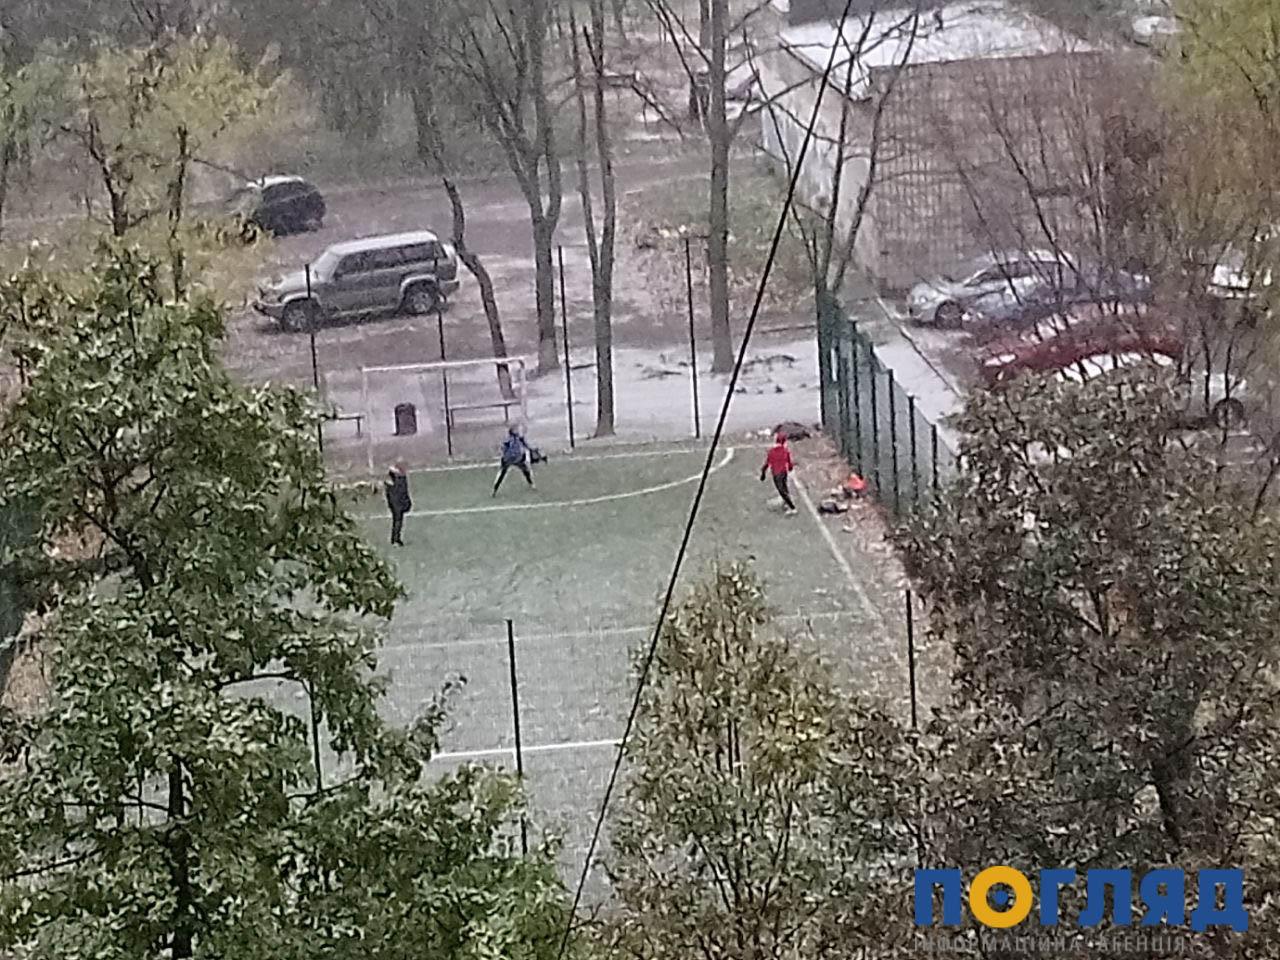 Засніжило: на Київщині випав перший сніг (ФОТО) - сніг, погода, перший сніг - 17 sneg kyev3